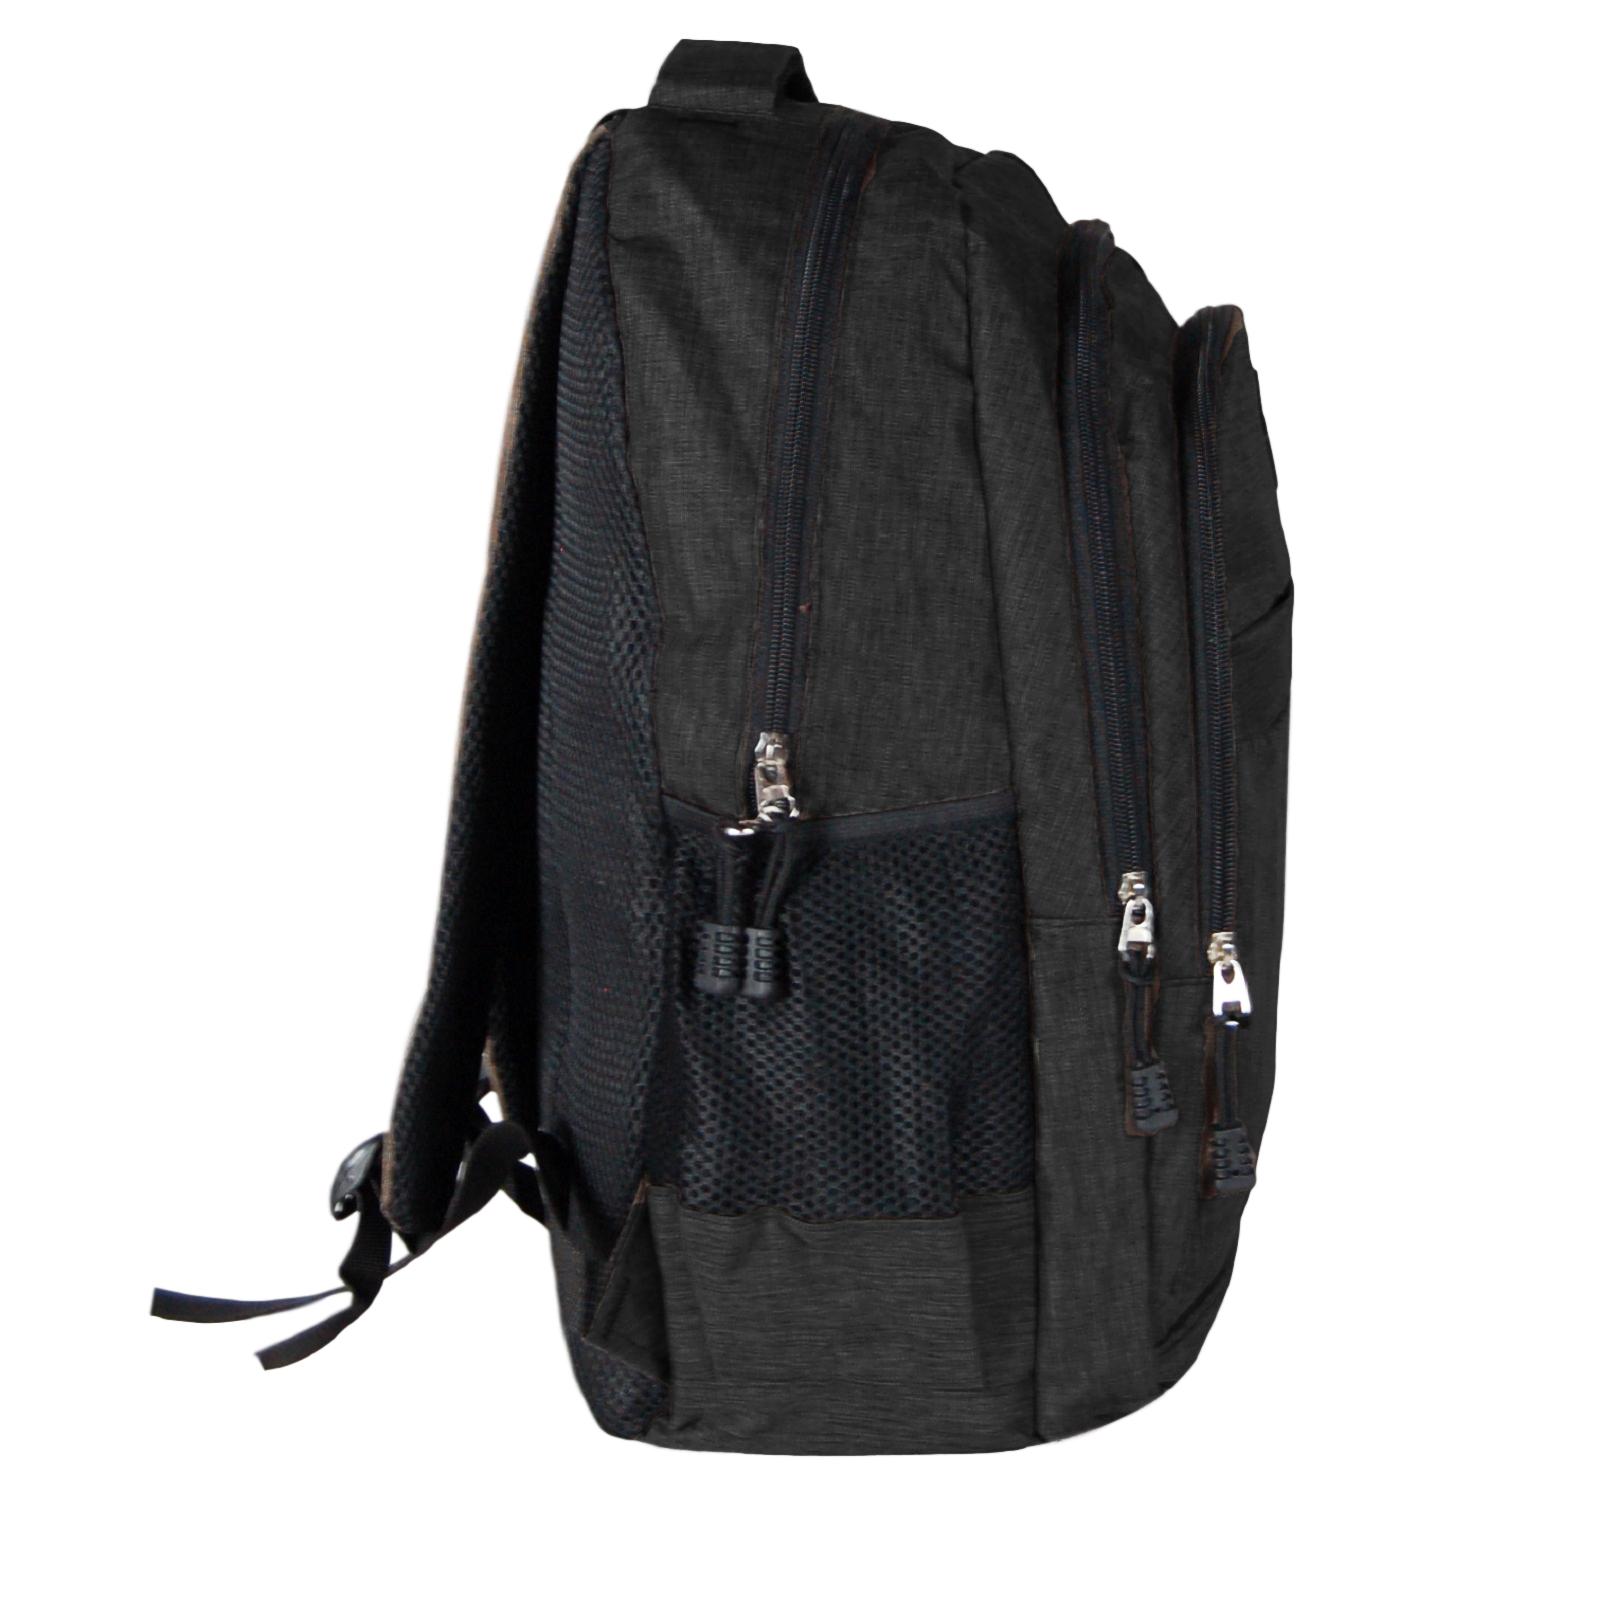 Zaino-Uomo-Donna-Porta-USB-Multitasche-Viaggio-Rosso-Blu-Nero-Grigio miniatura 15